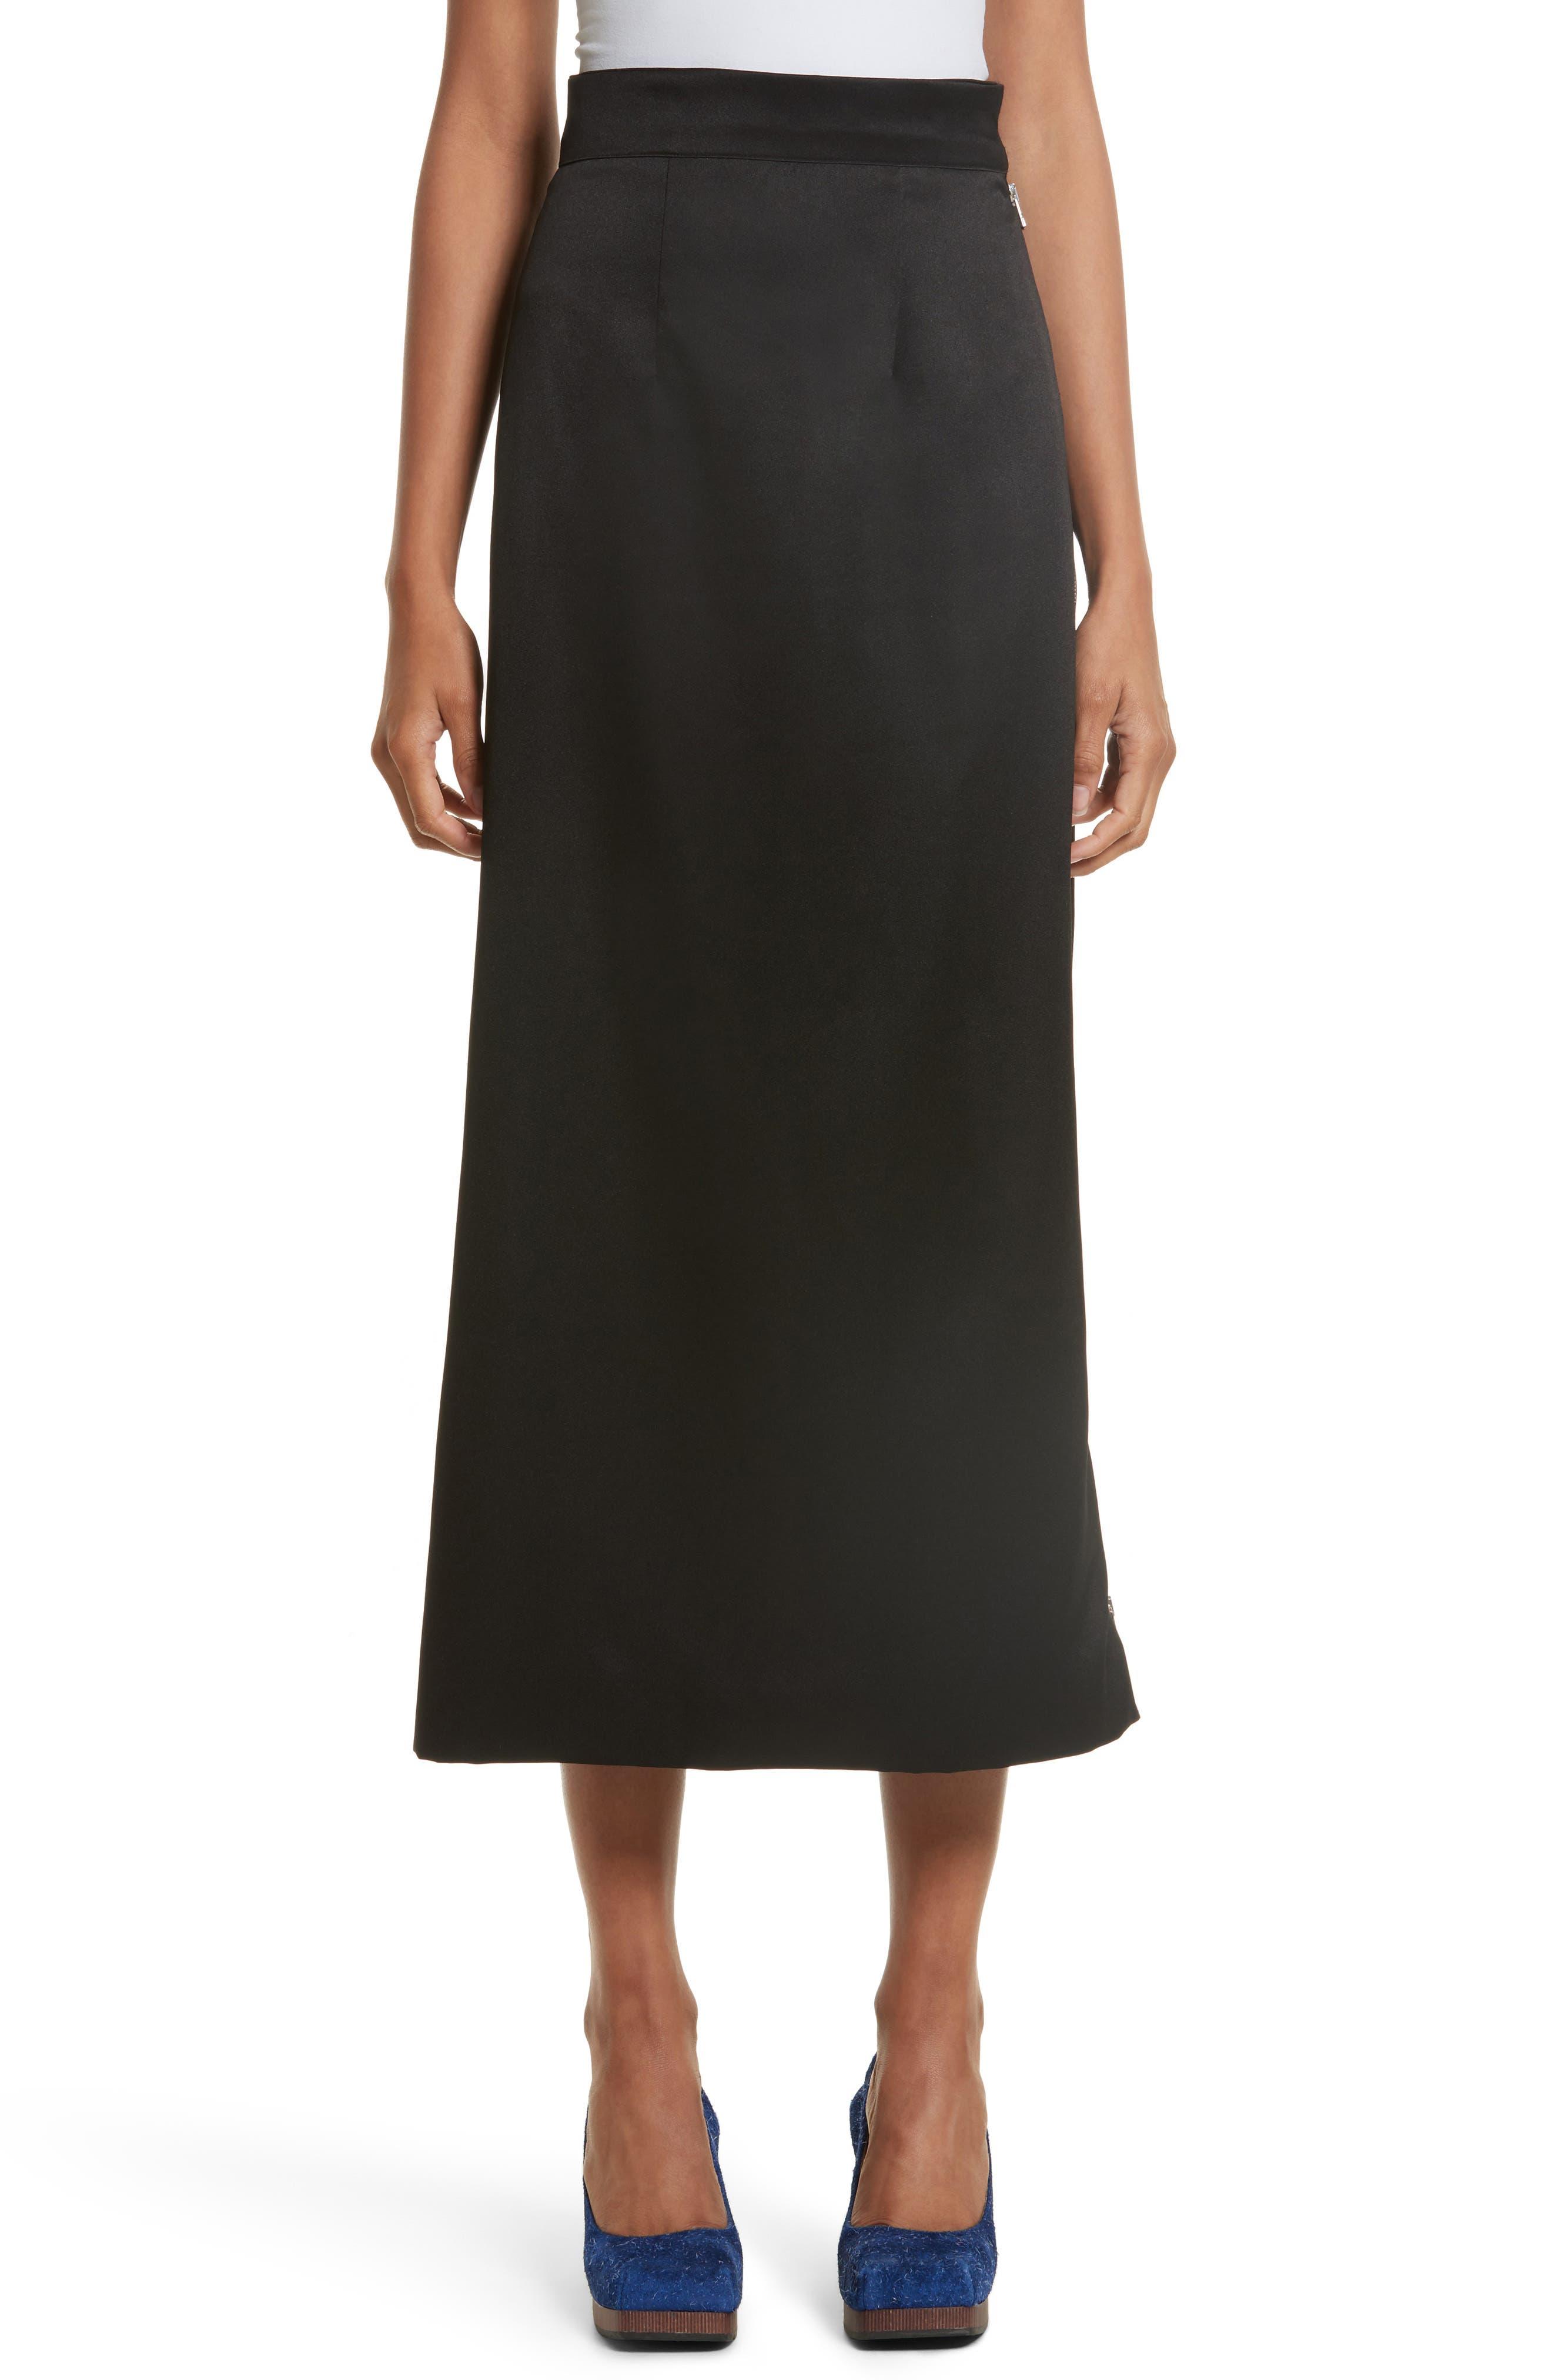 Alternate Image 1 Selected - Eckhaus Latta Side Zip Midi Skirt